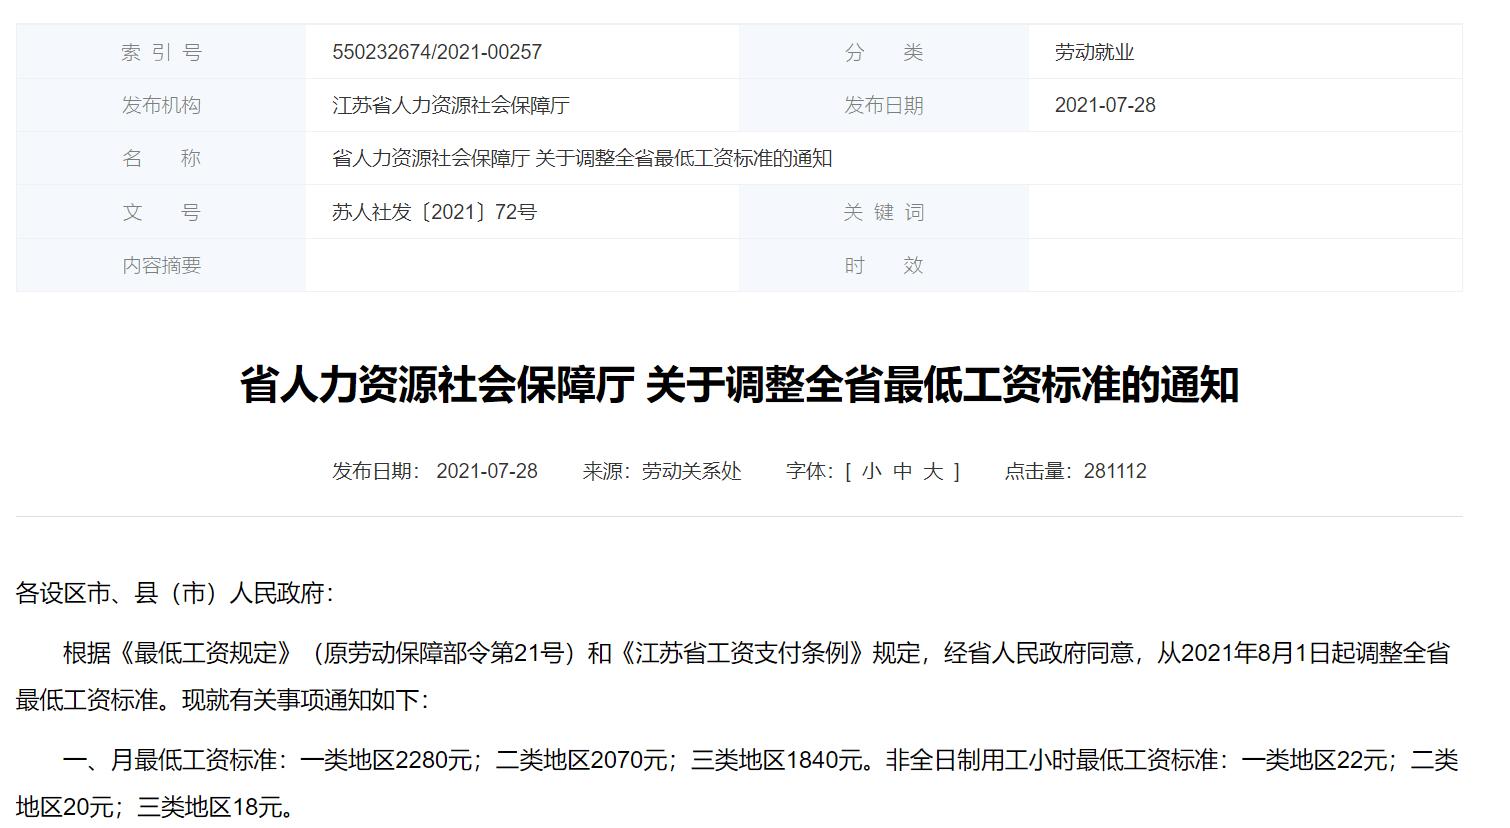 2021年江苏省关于调整全省最低工资标准的通知,最低工资上涨到2280元